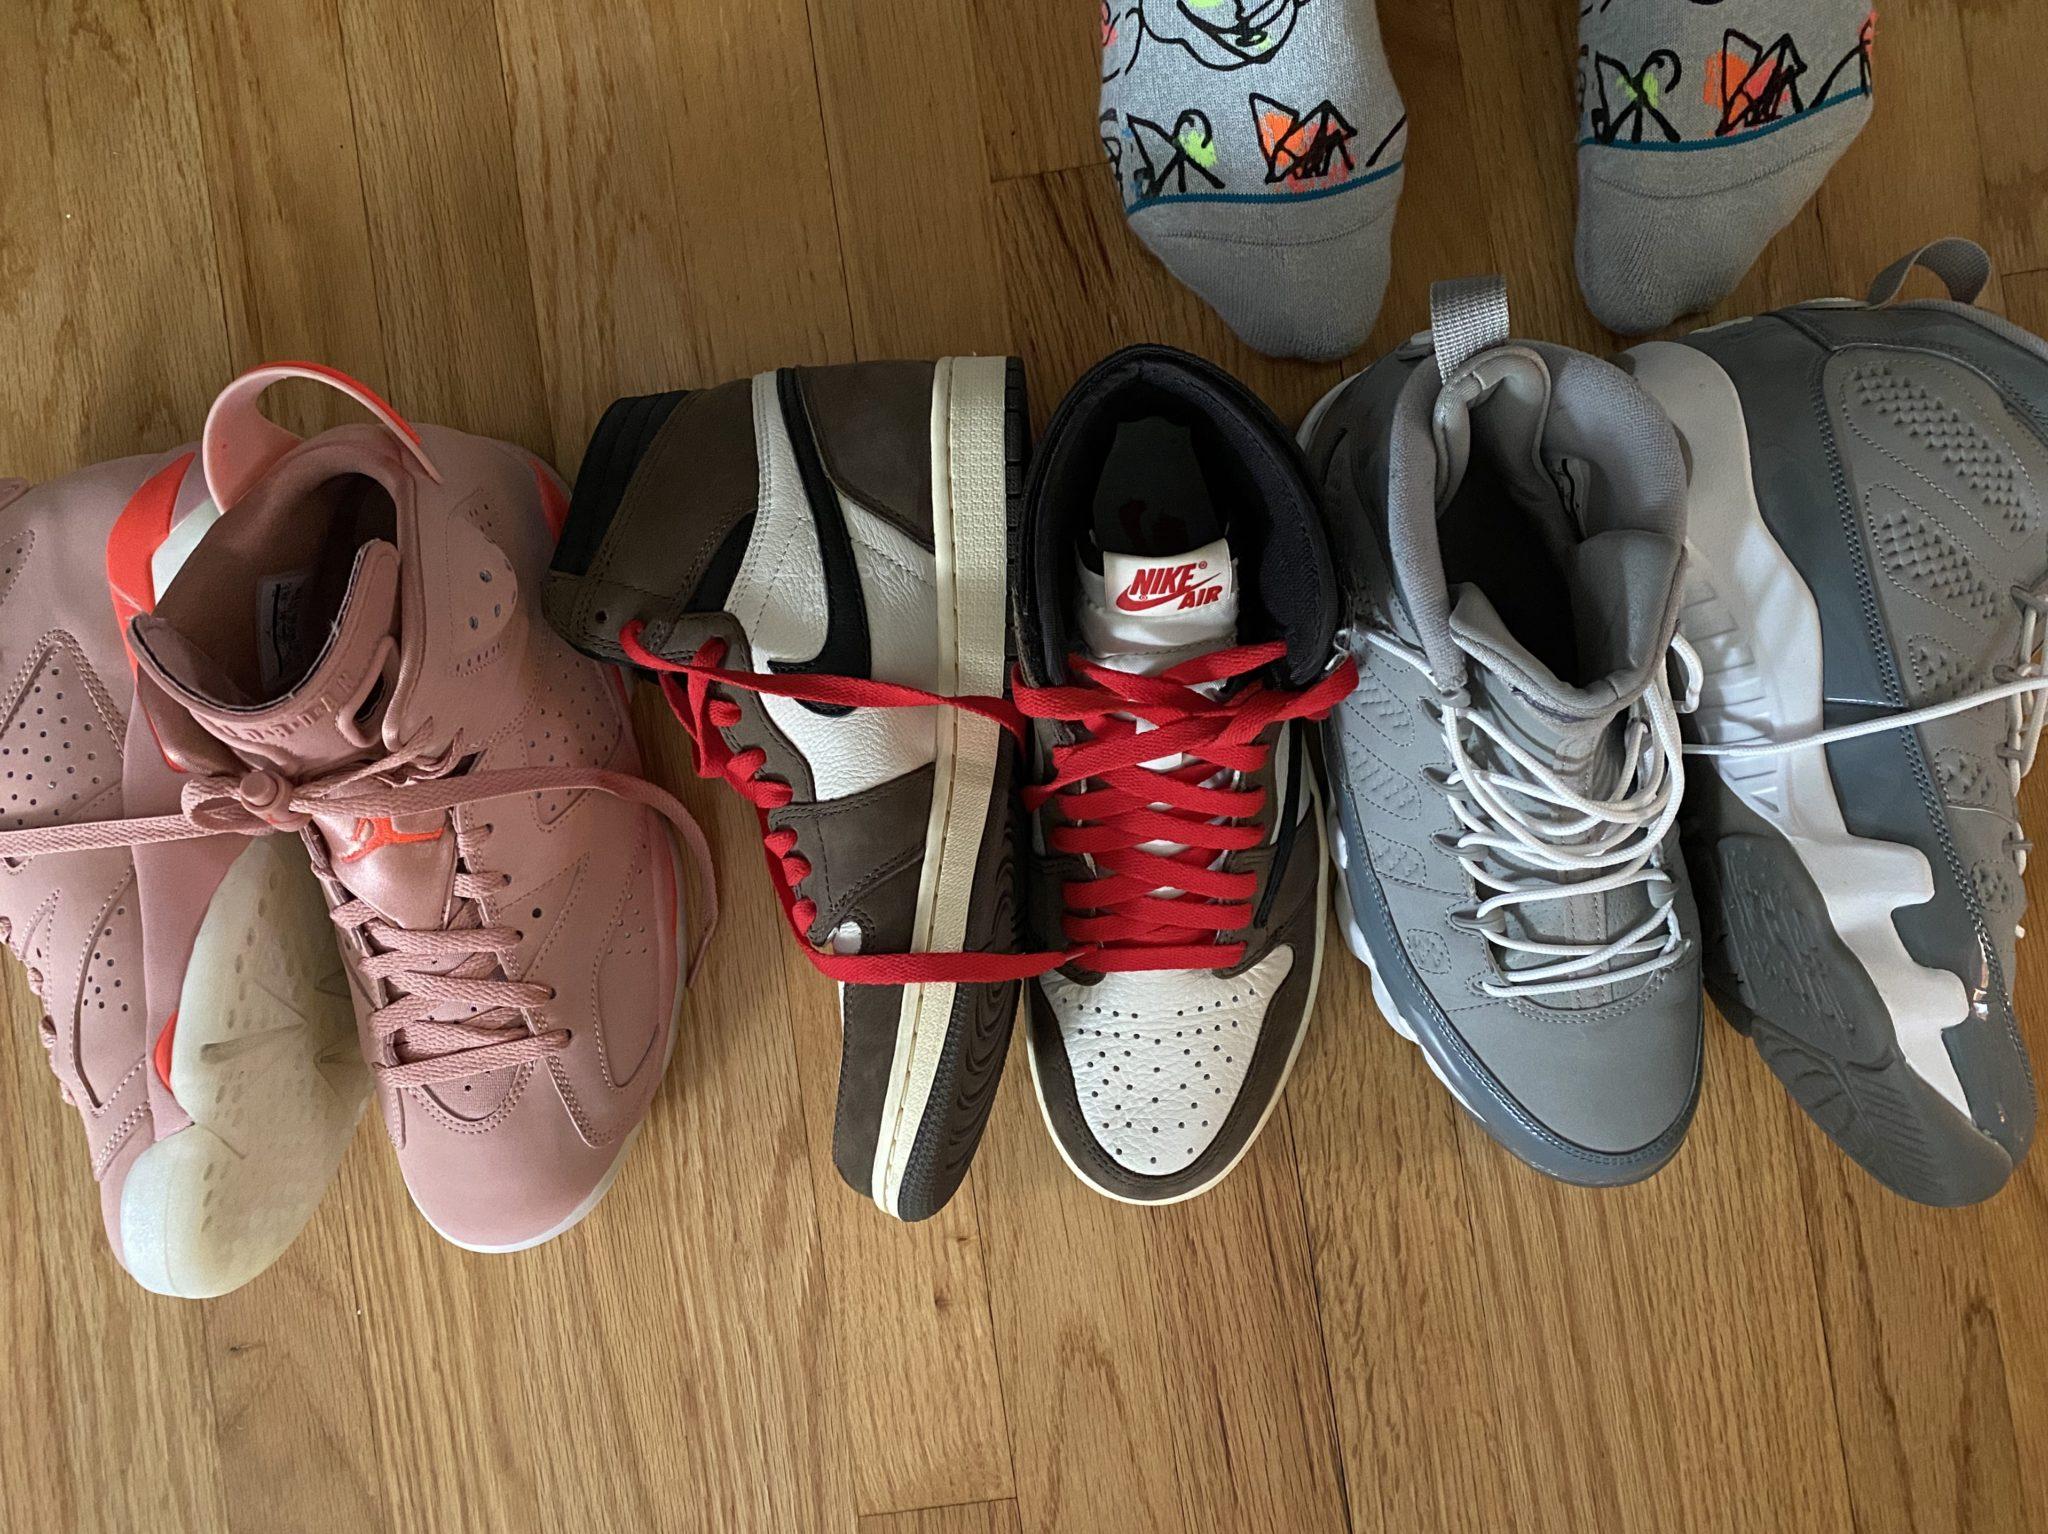 Jordan 1, Jordan 6, Jordan 9, Travis Scott